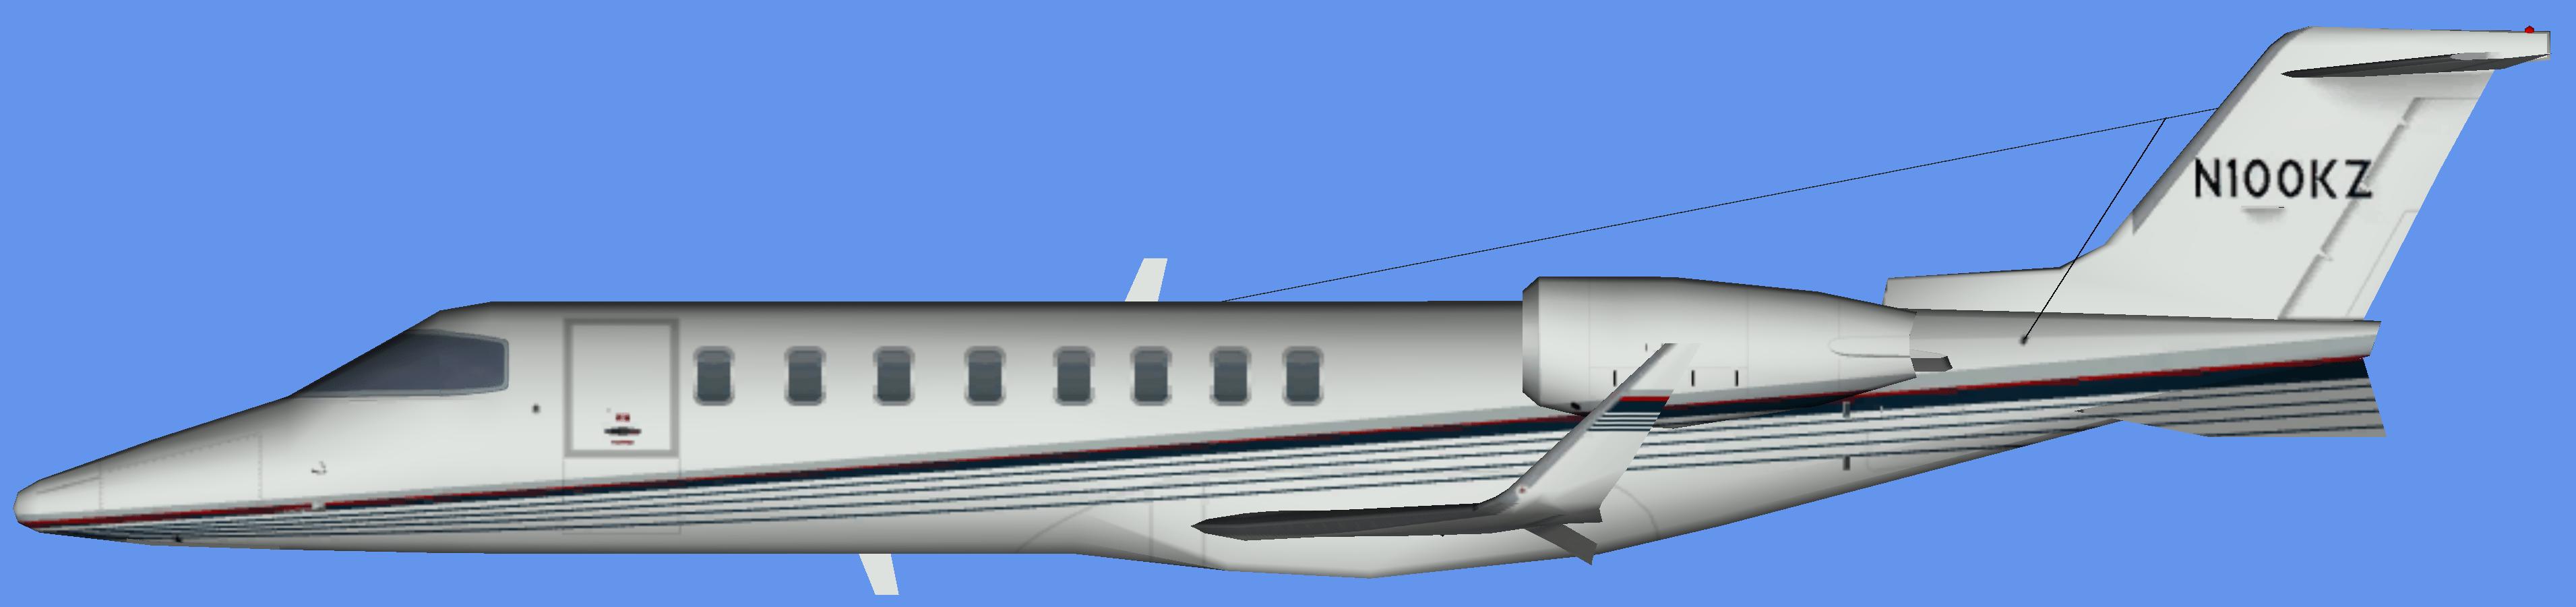 Best Jets Learjet 45 – FSAI Repaints